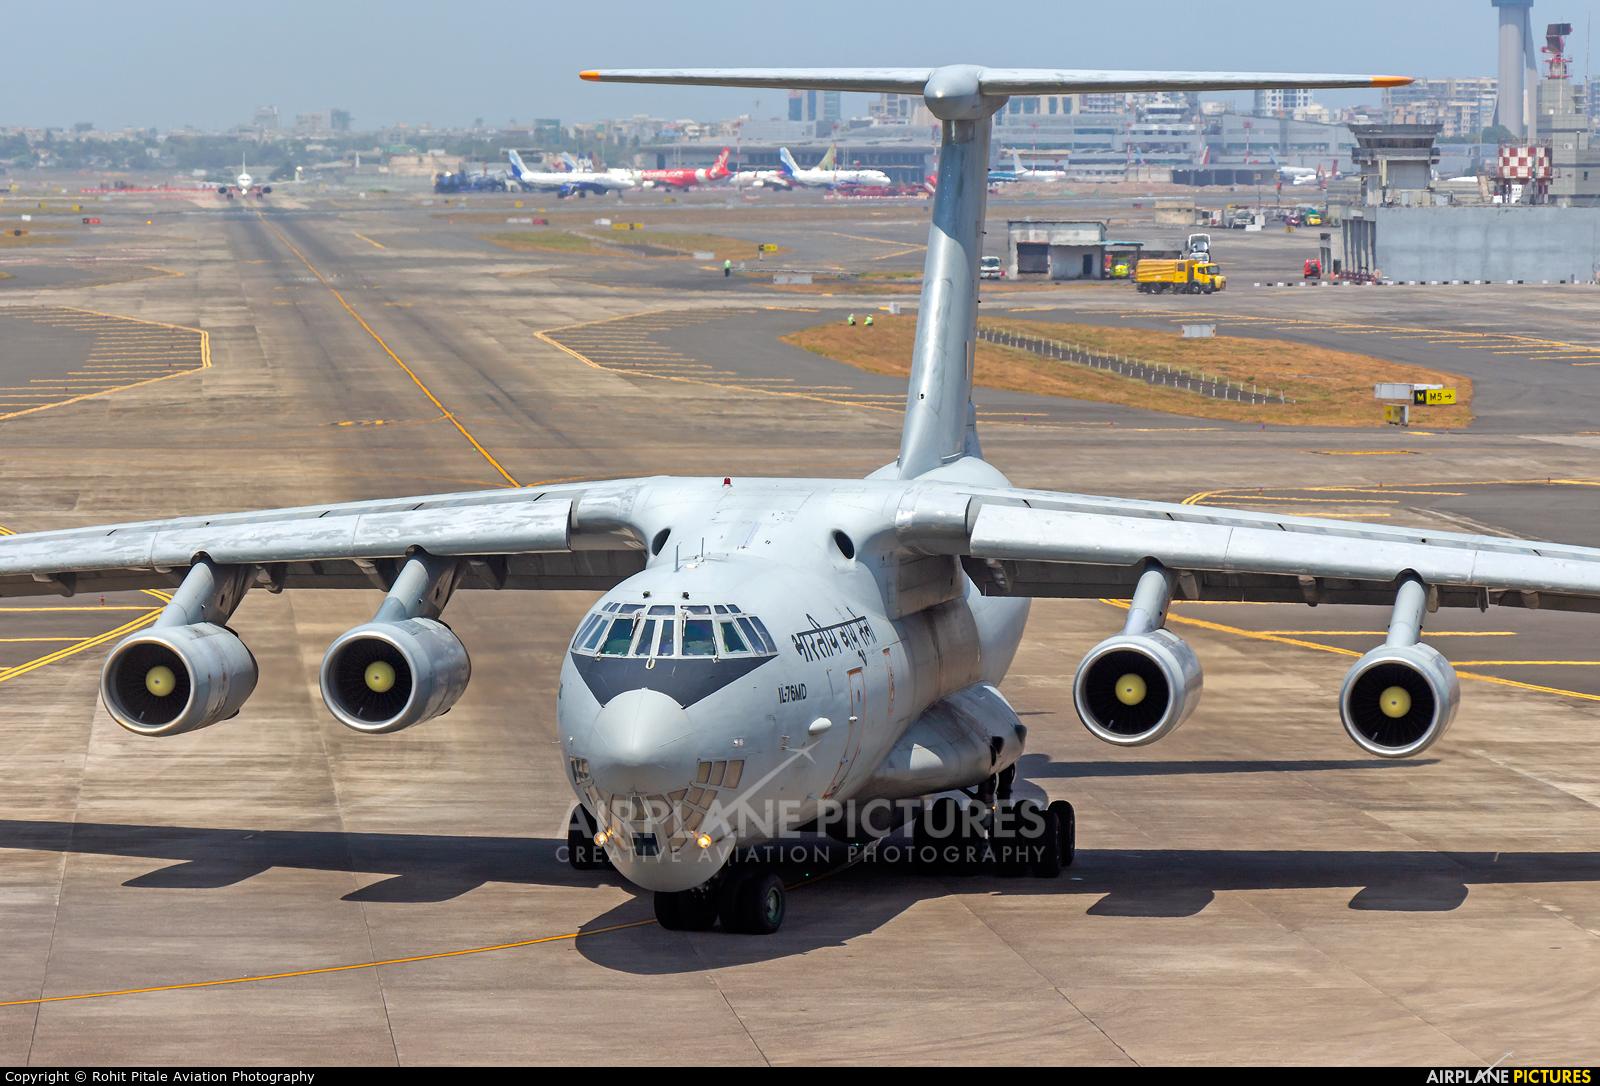 India - Air Force K2665 aircraft at Mumbai - Chhatrapati Shivaji Intl